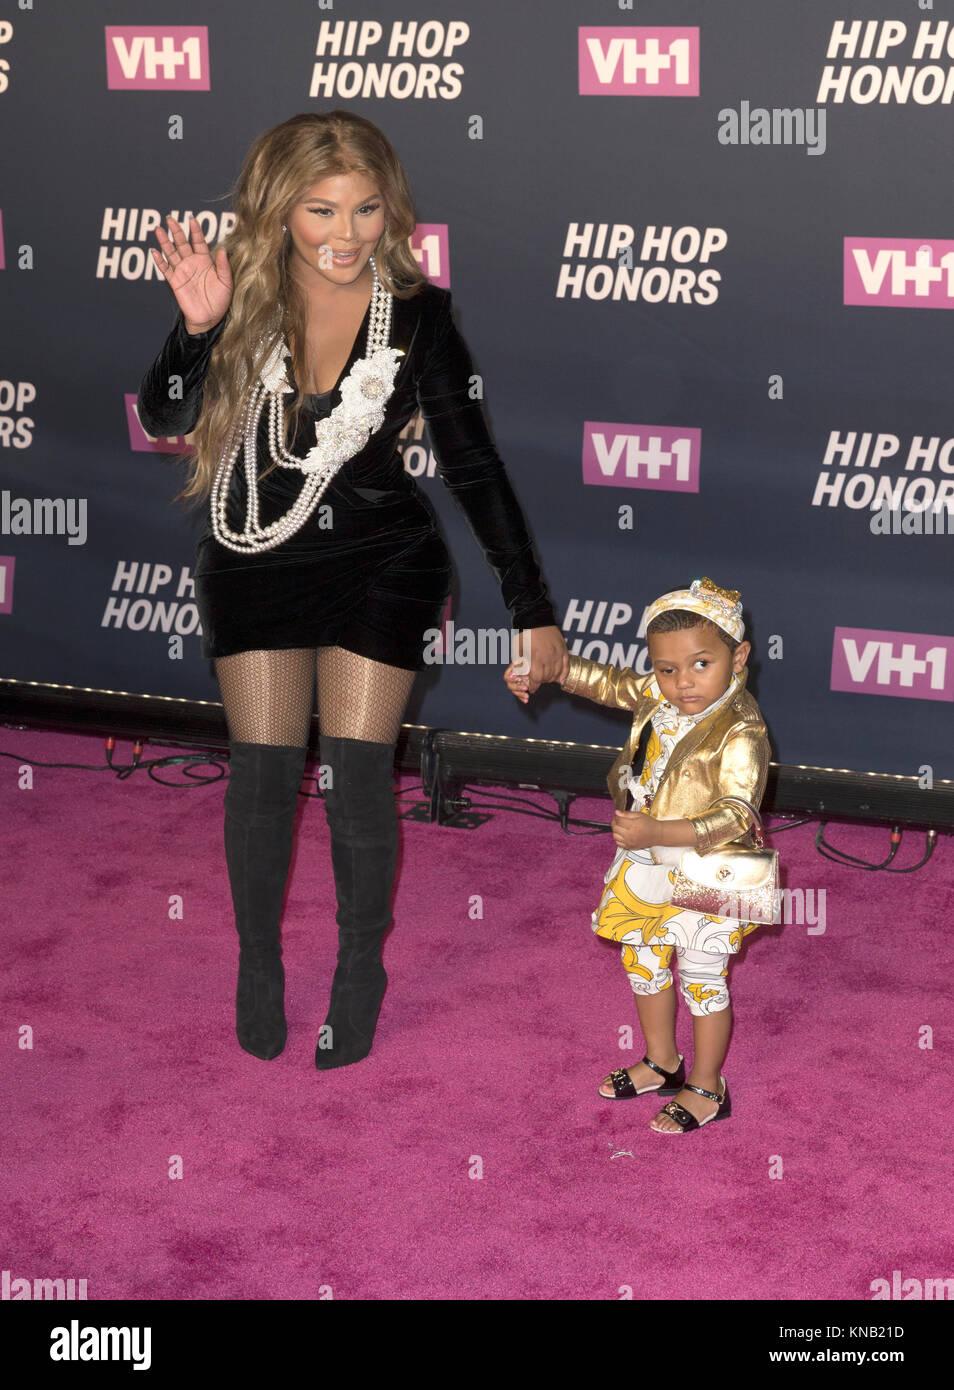 New York, NY - 11. Juli 2016: Lil Kim mit Tochter königlichen Herrschaft besuchen 2016 VH1 Hip Hop Honors: Stockbild